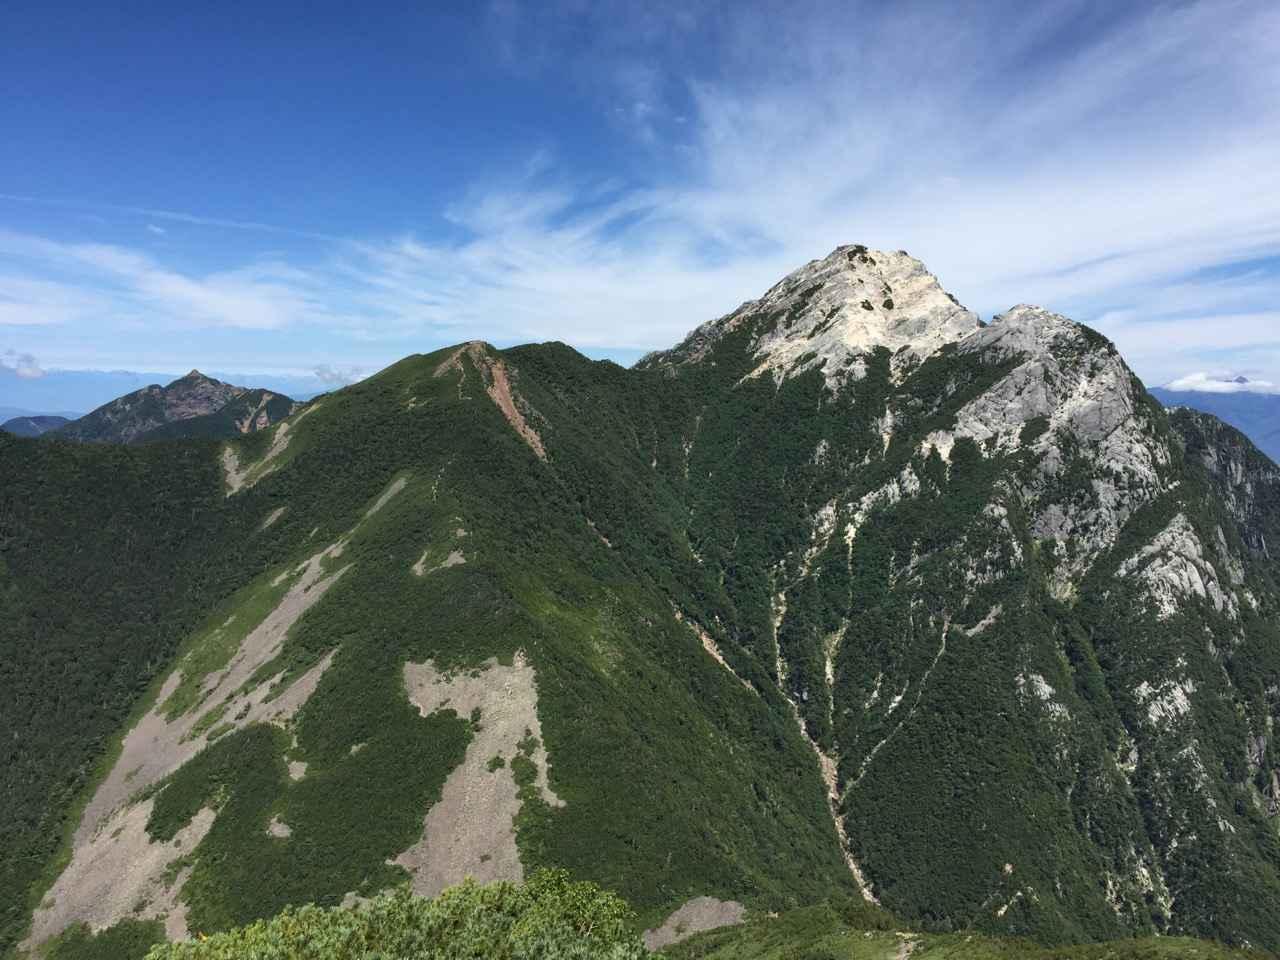 画像: 仙水峠から甲斐駒ヶ岳(右奥白い岩峰)への登り、左奥には鋸岳が(スタッフ撮影)